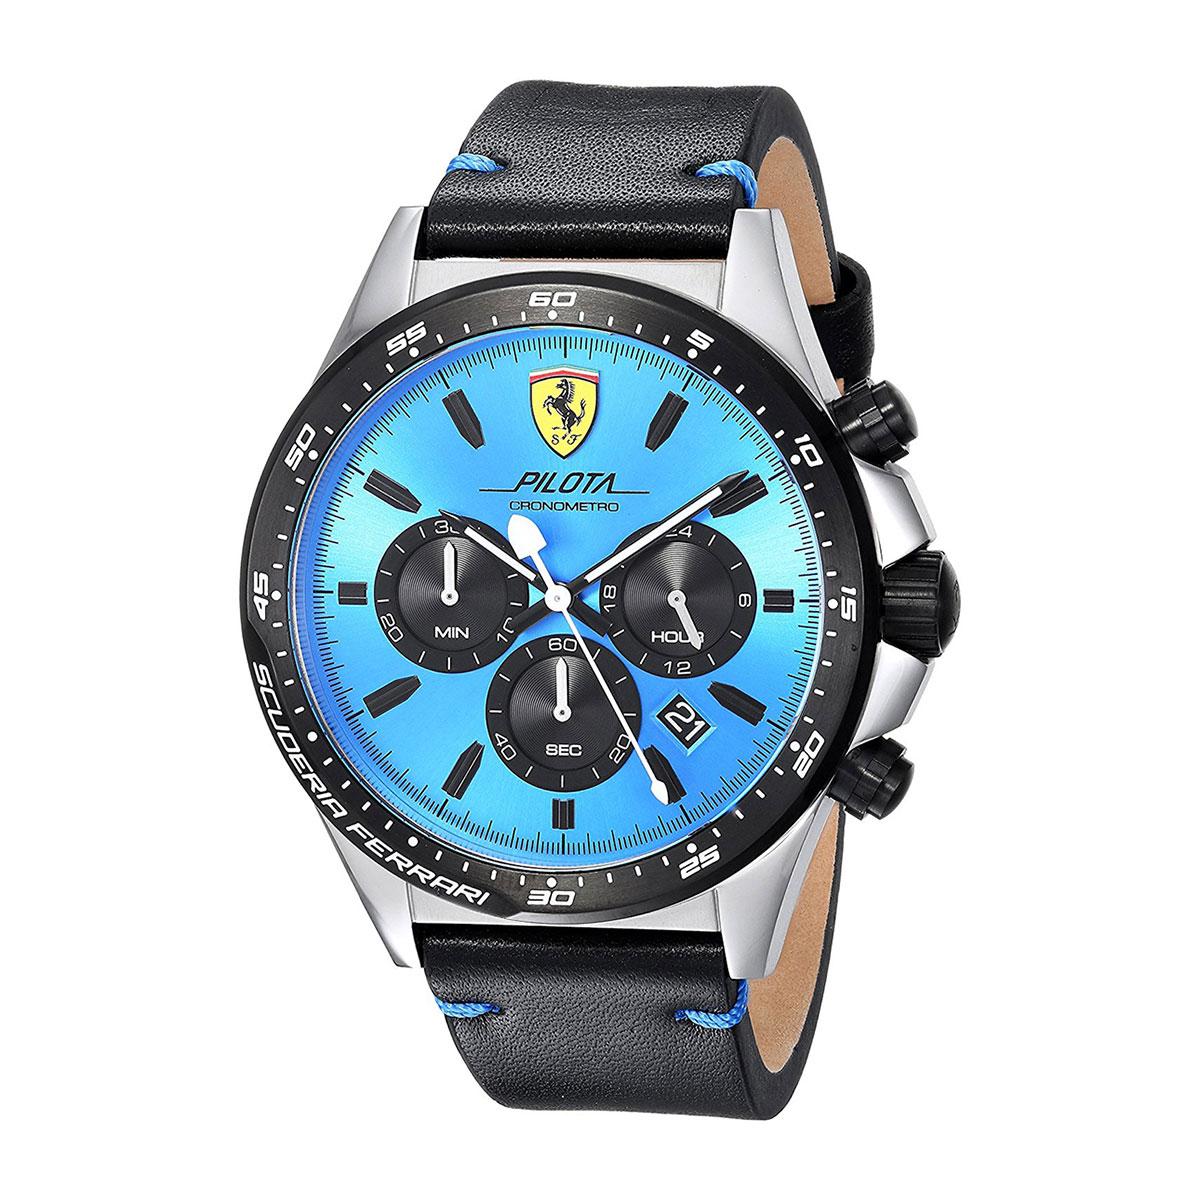 นาฬิกาผู้ชาย Ferrari รุ่น 0830388, Pilota Chronometro